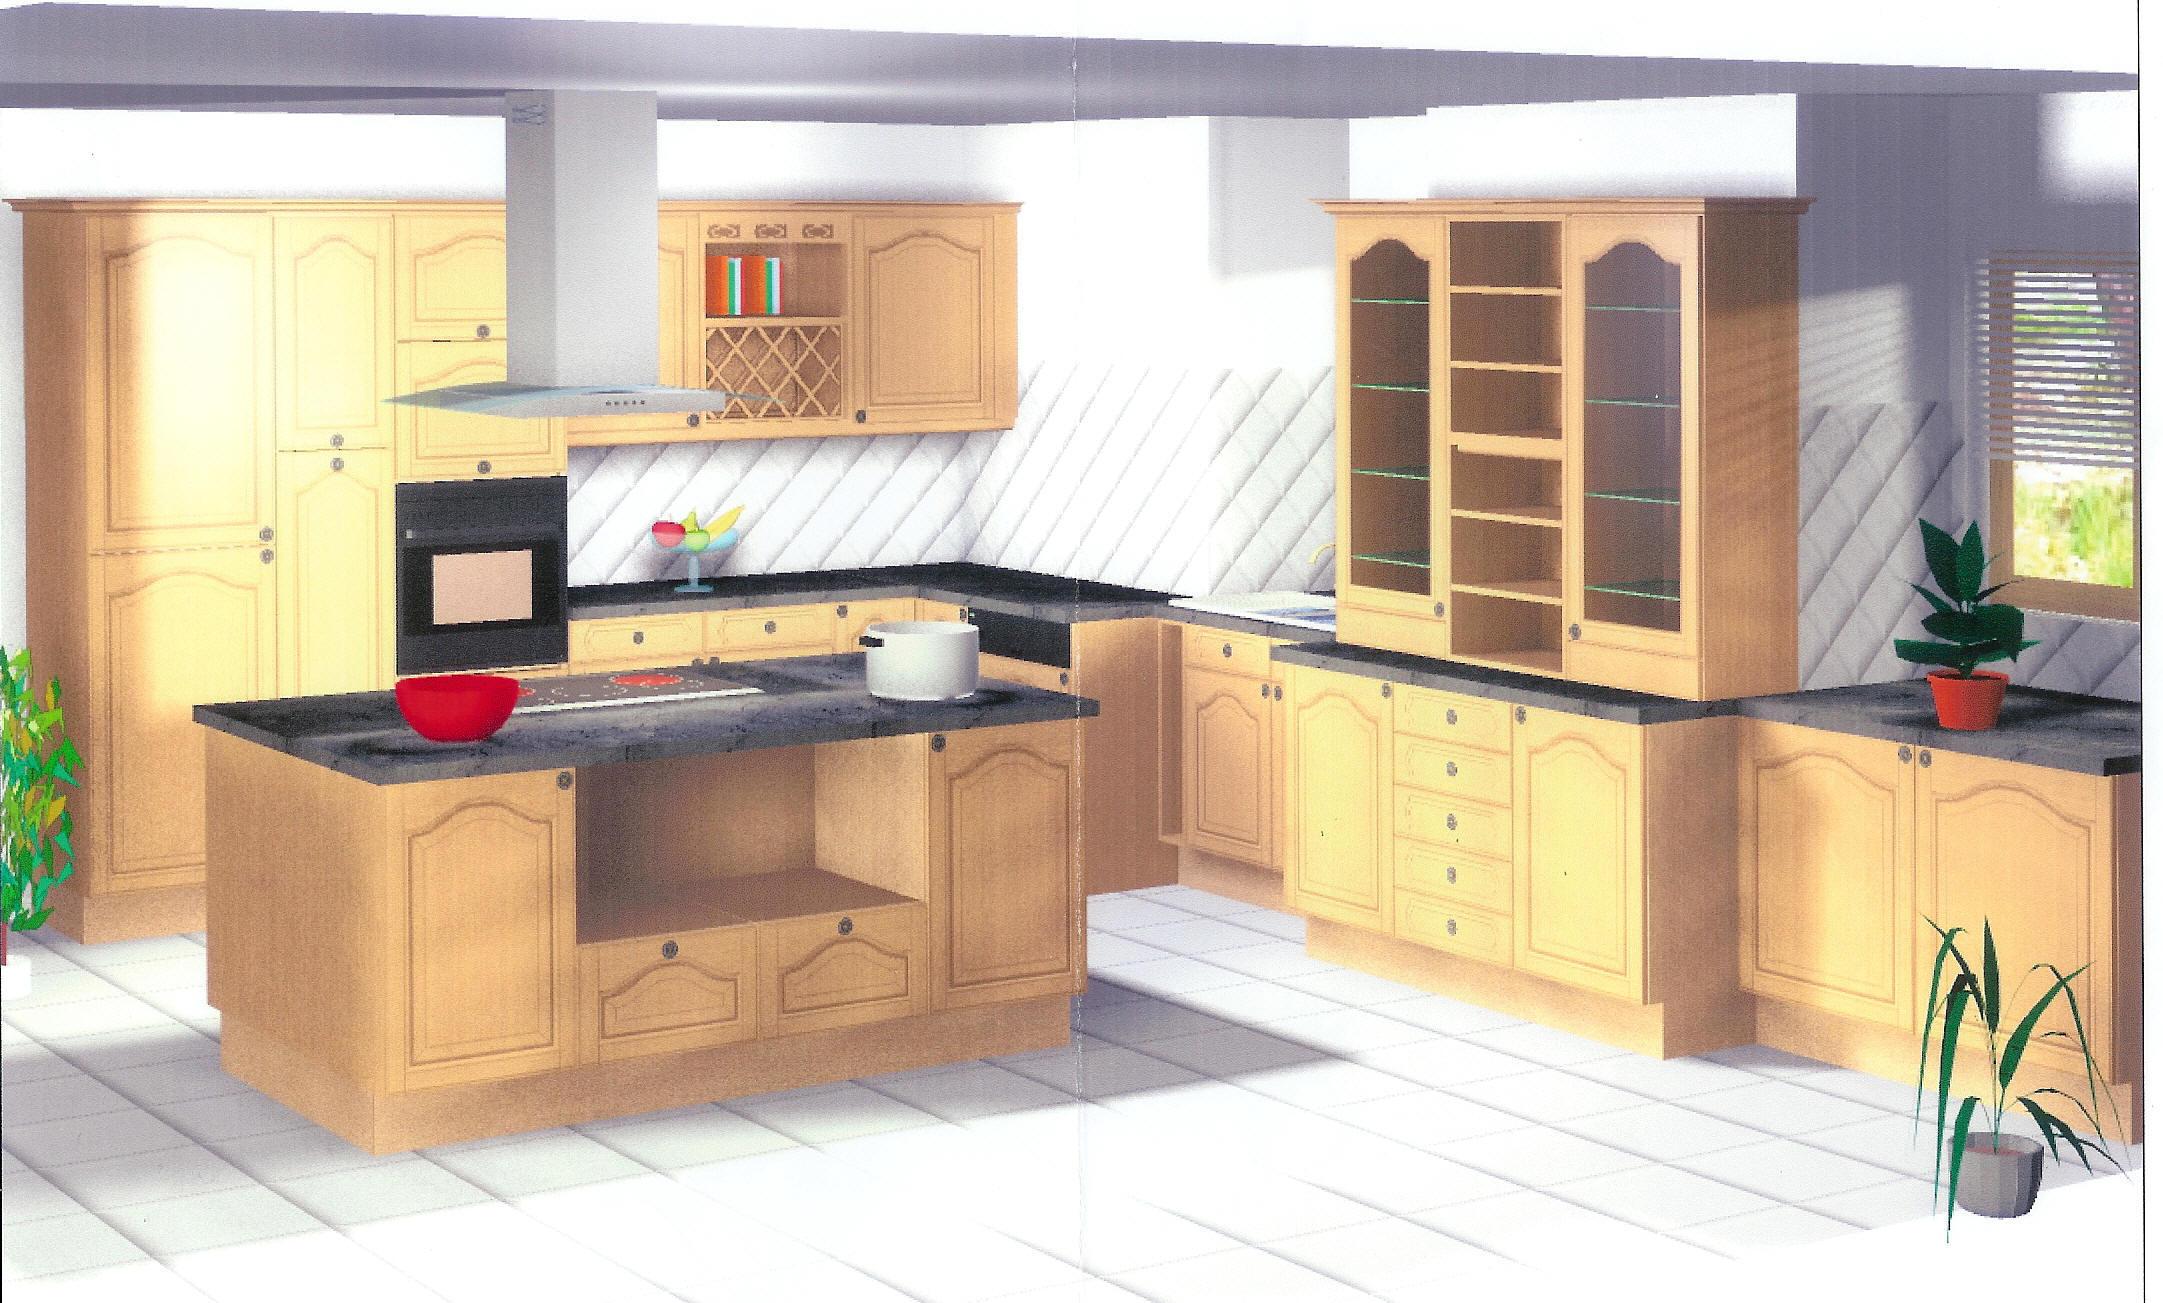 Voici Une Sélection Pour Sa Cuisine, Sdb Et Maison En 3D Pour Vos Photos  U003cu003cu003cu003c